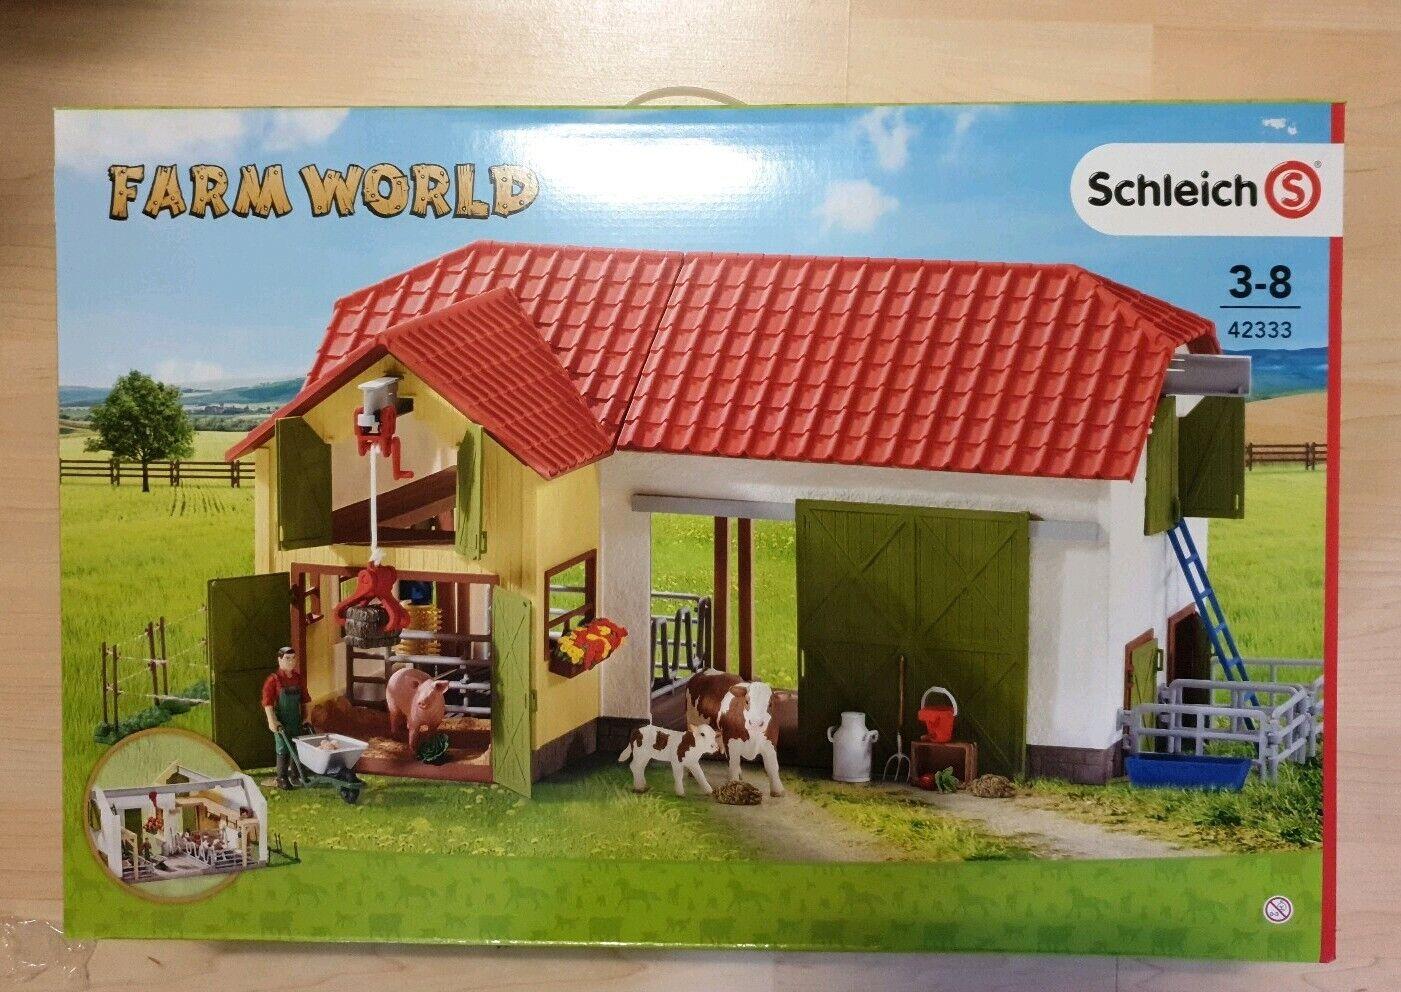 Schleich Farm World Bauernhof 42333 NEU OVP